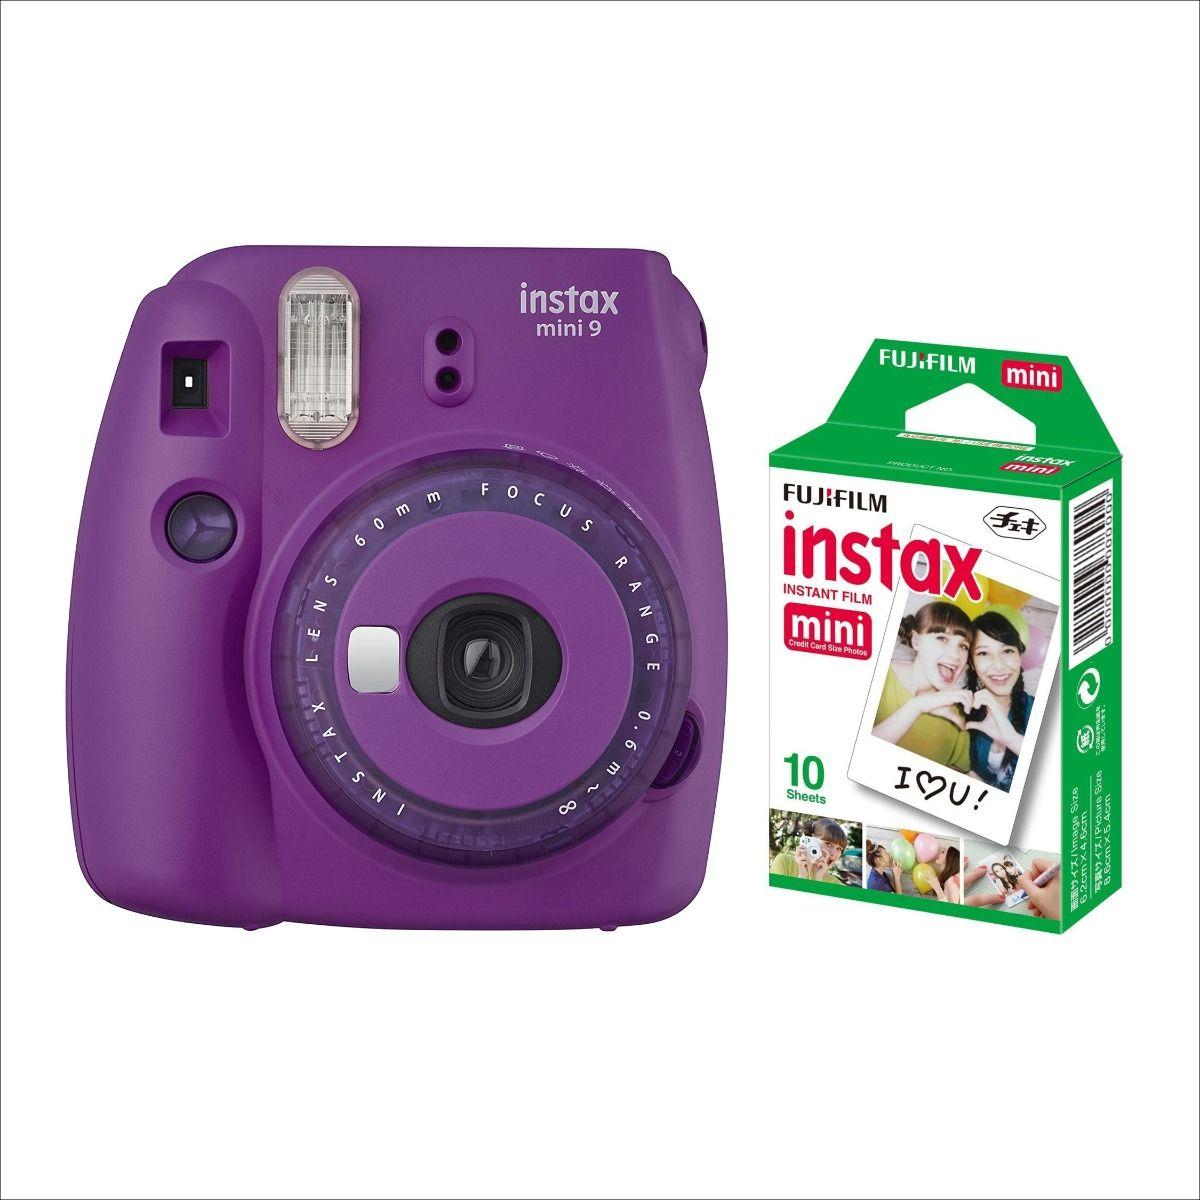 Fujifilm Mini 9 Instax Pink